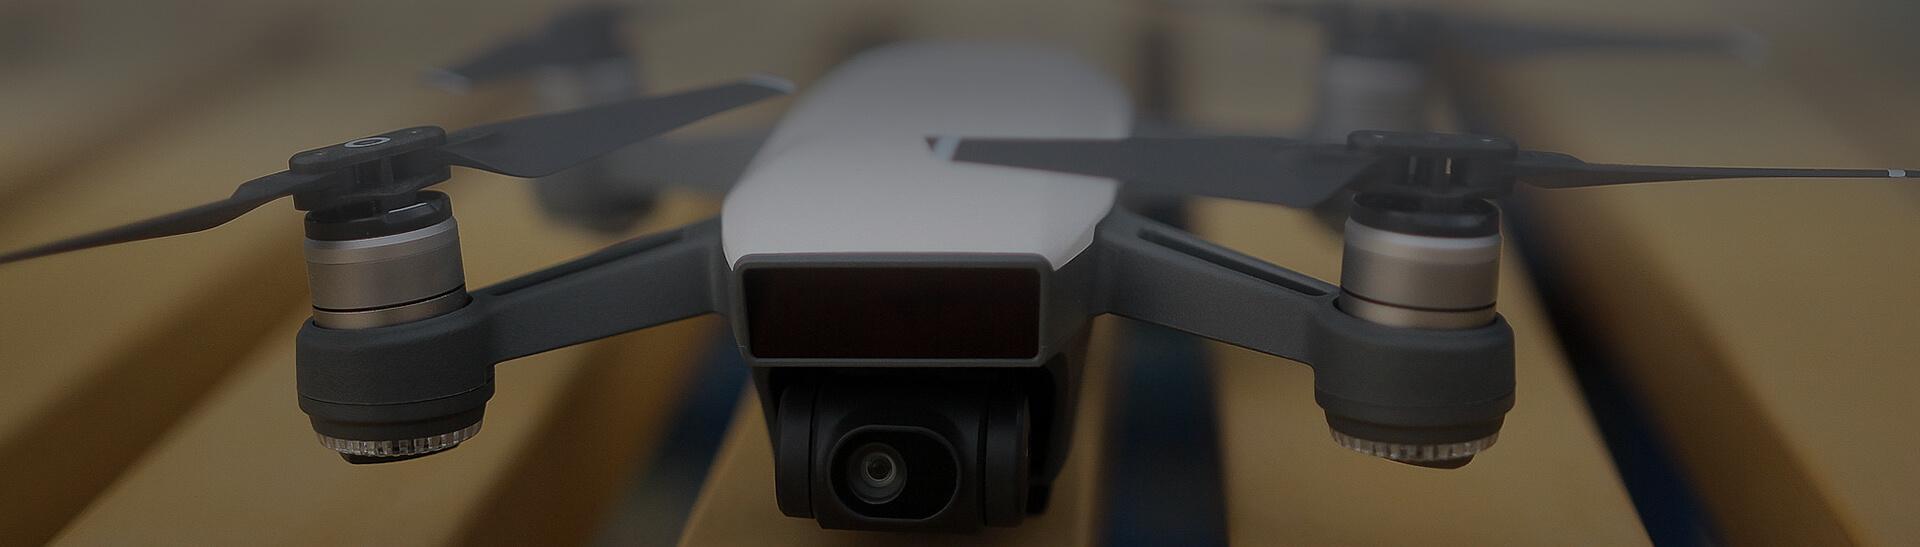 Drone_HI